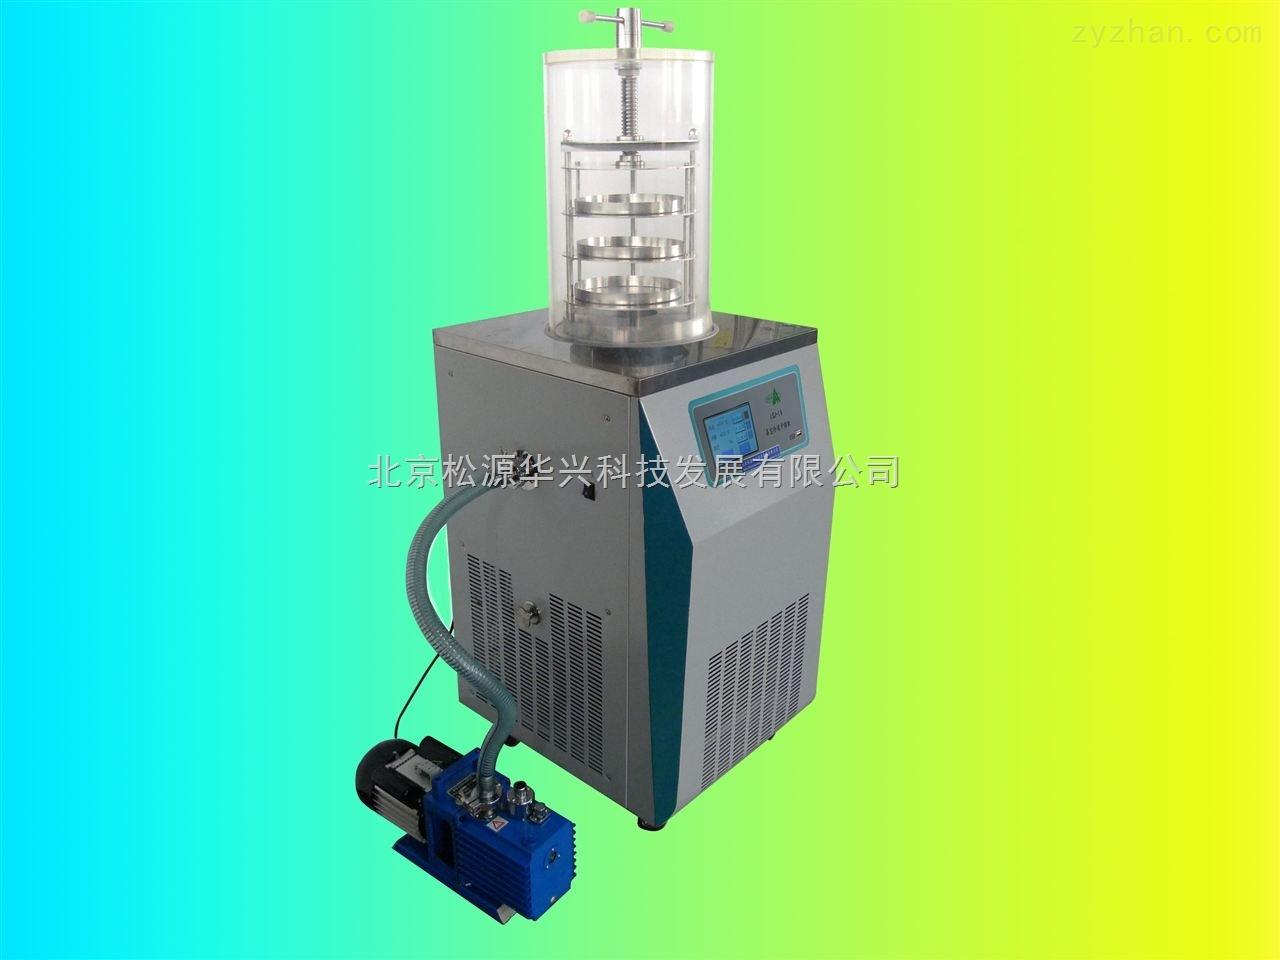 LGJ-18-国产冷冻干燥机